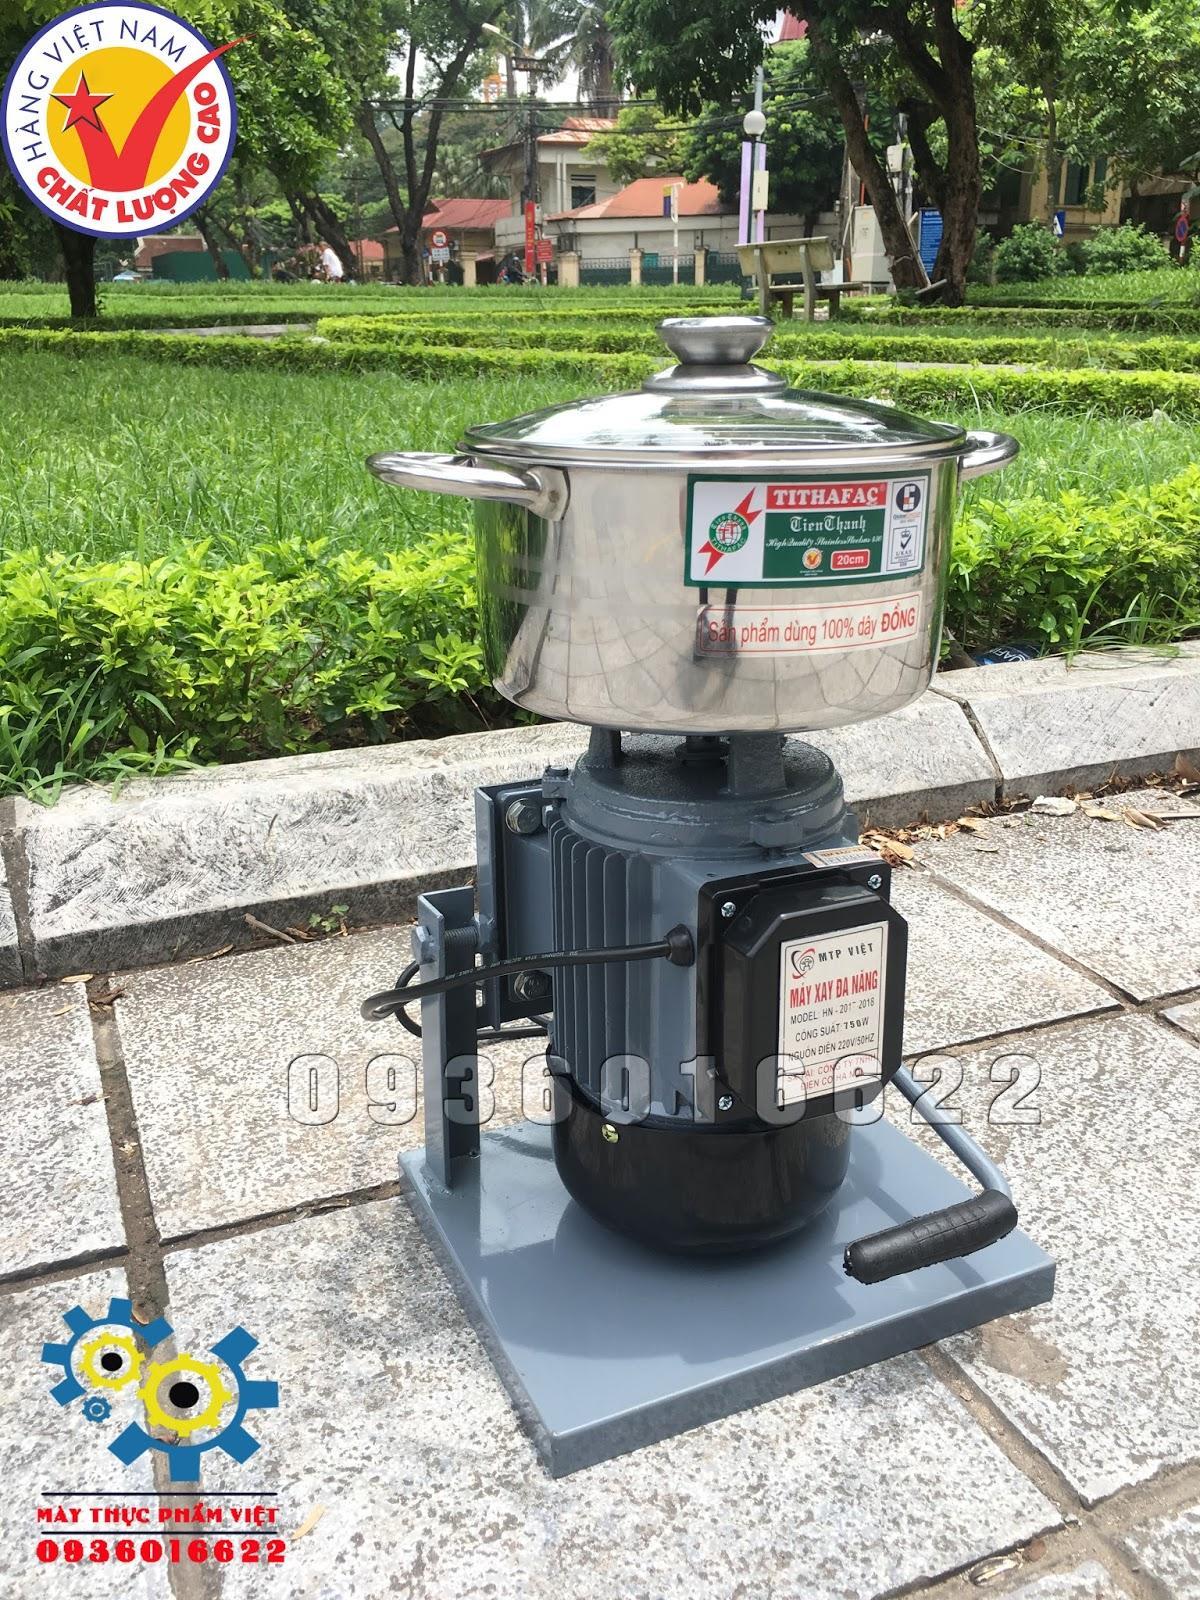 Cối xay thịt công nghiệp mini 750W - Máy xay giò chả mini dùng tại nhà